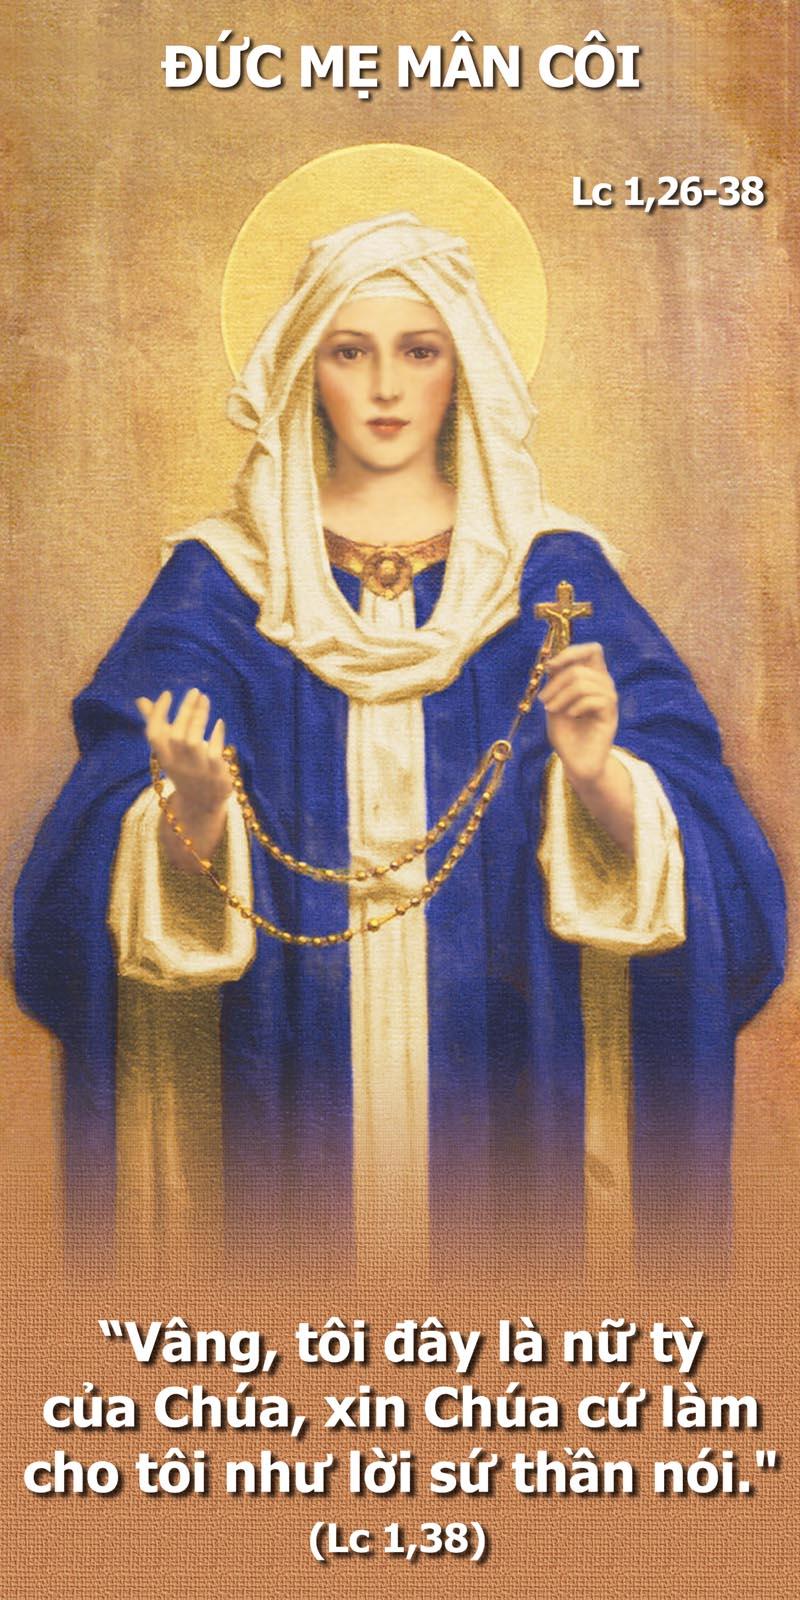 Đức Mẹ Mân Côi: Máu Chiến, Mến Chúa, Mang Chúa, Mau Cười